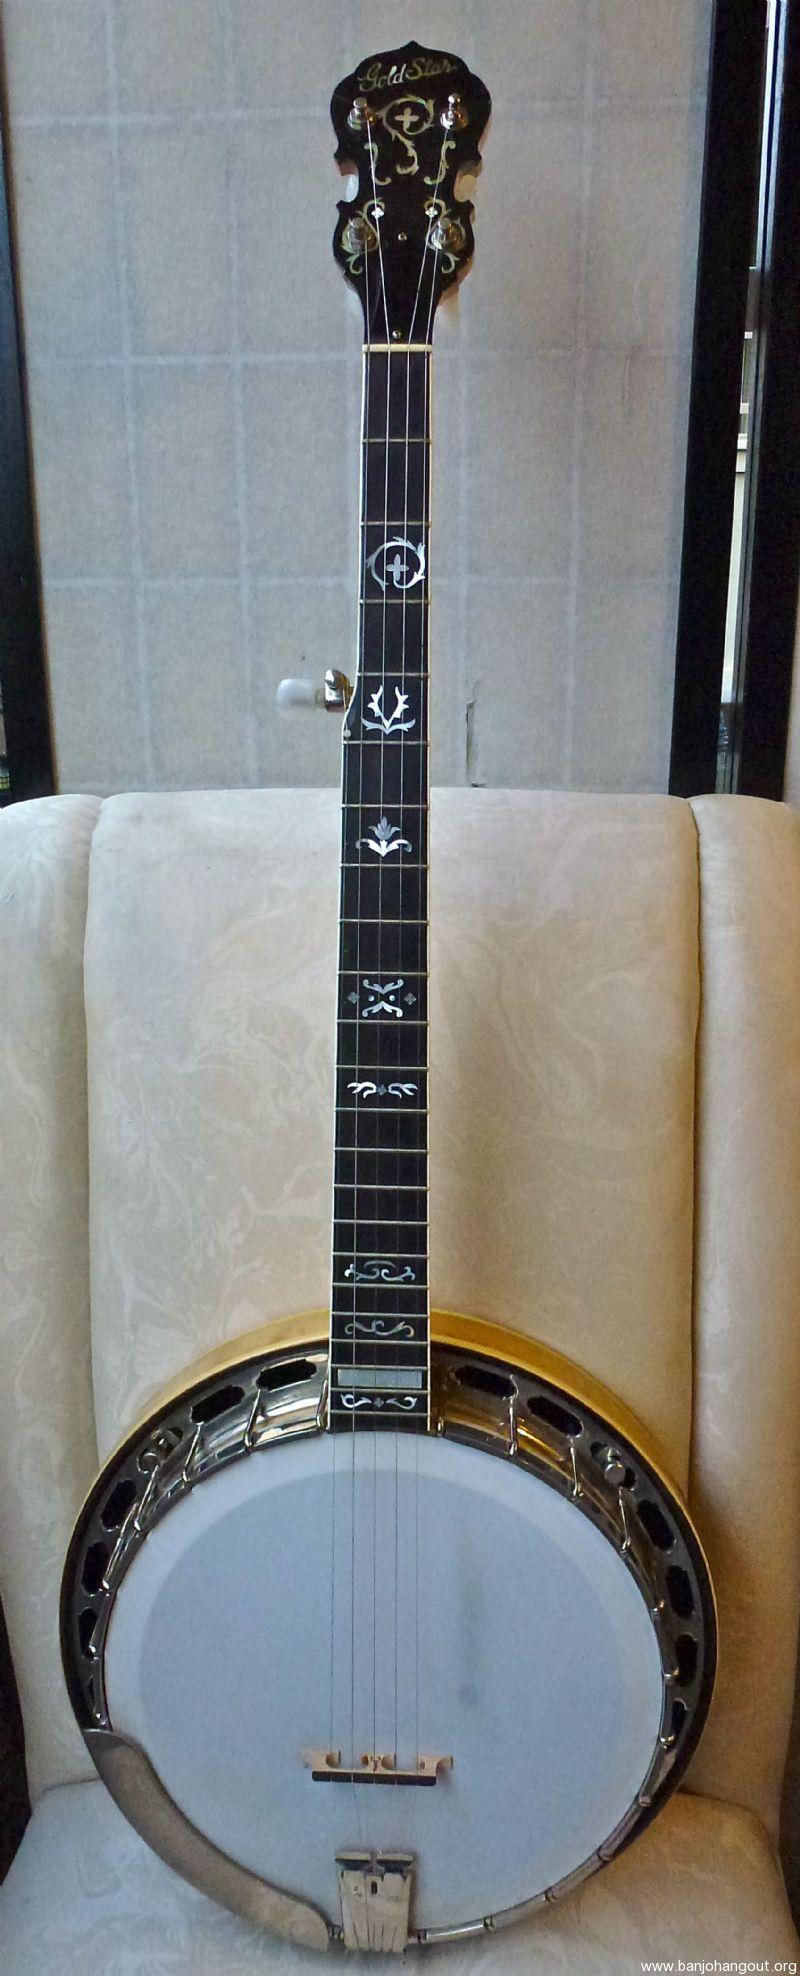 goldstar vintage g 12w 1985 5st banjo used banjo for sale at. Black Bedroom Furniture Sets. Home Design Ideas